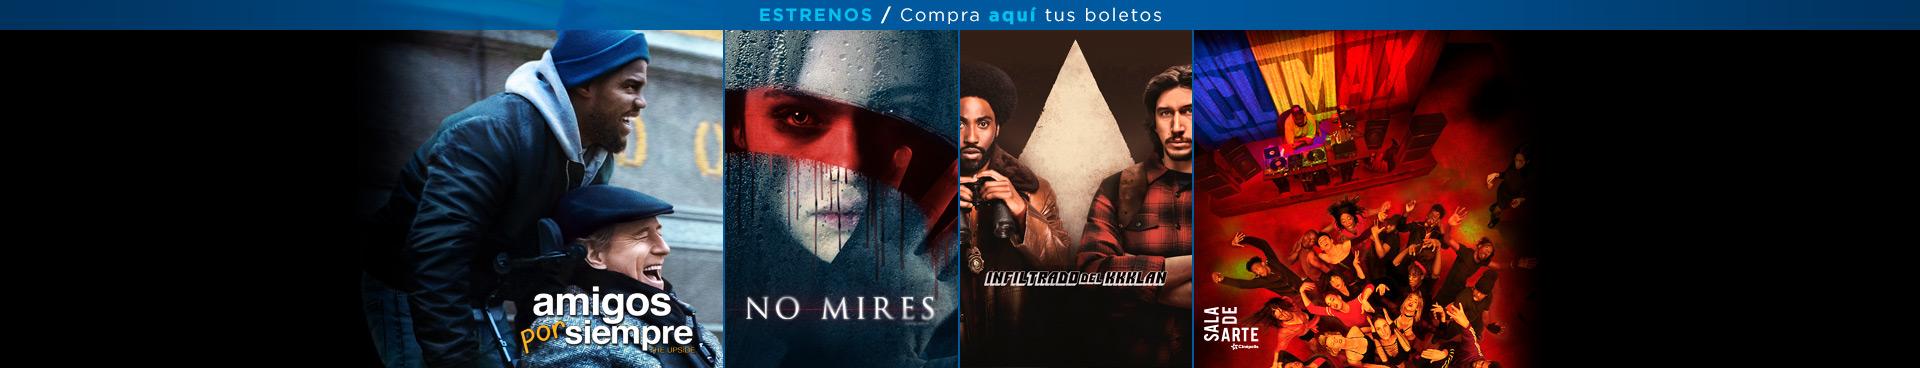 Estrenos: Amigos por siempre / No mires / El infiltrado del Kkklan / Climax